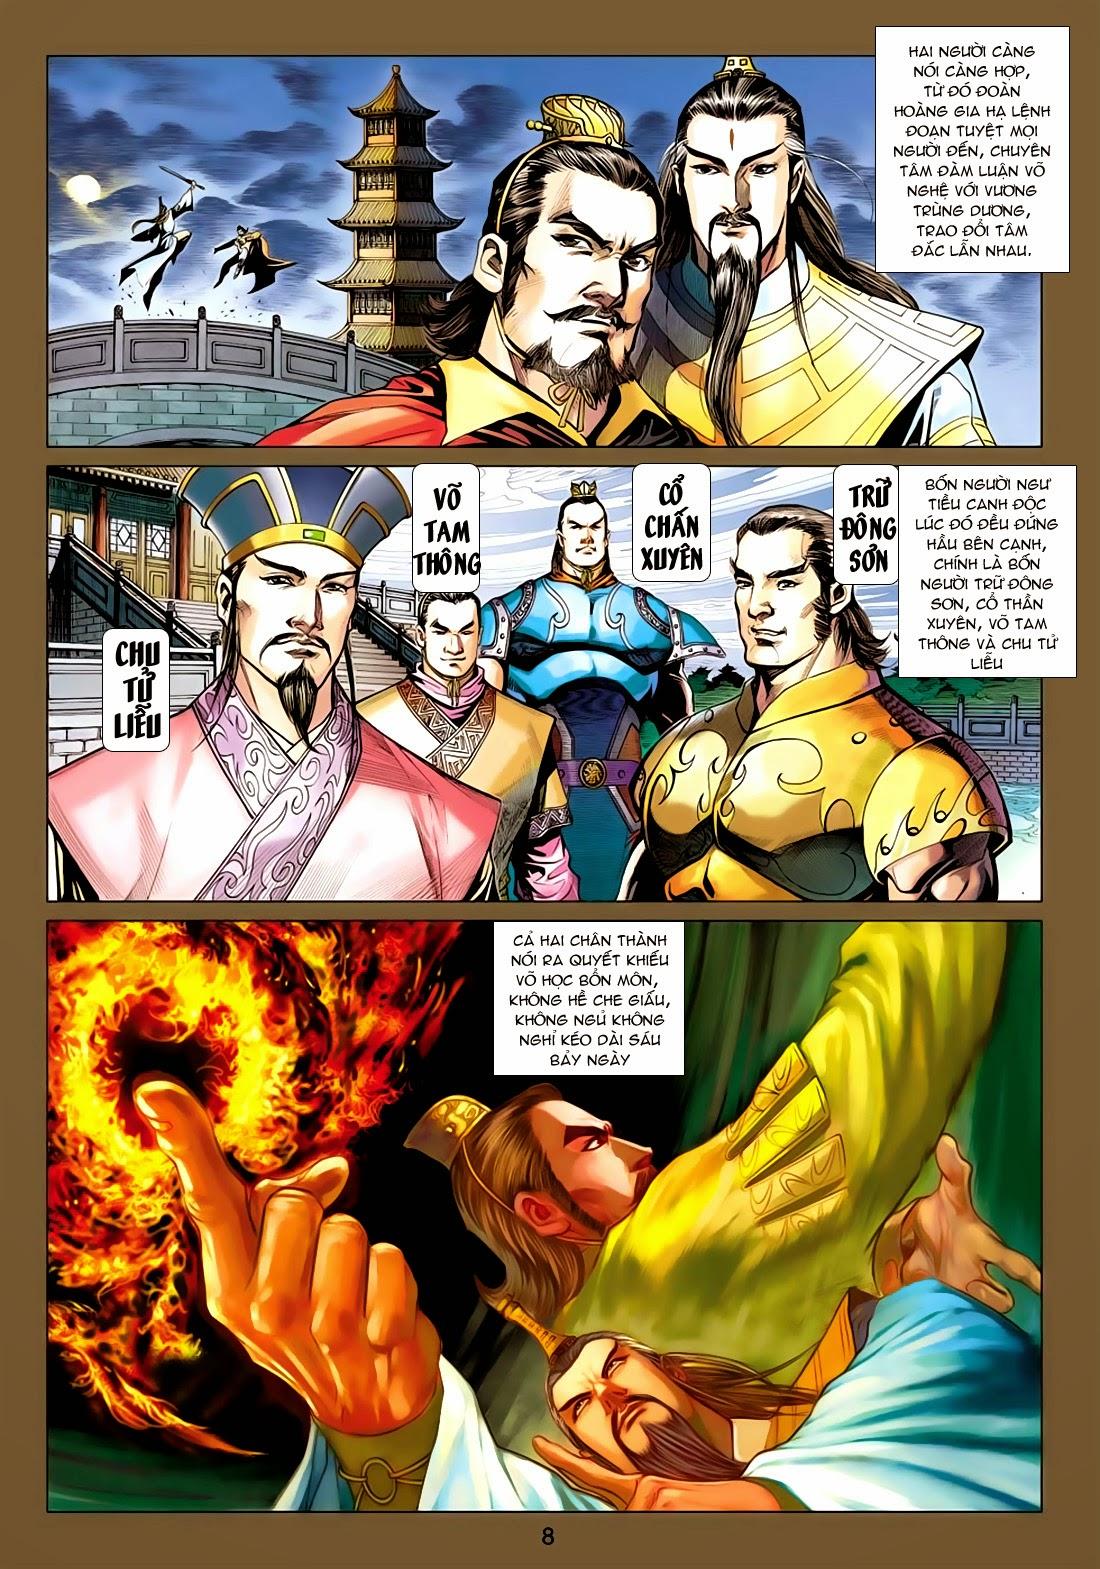 Anh Hùng Xạ Điêu anh hùng xạ đêu chap 77: thế thượng tối cường võ công trang 8